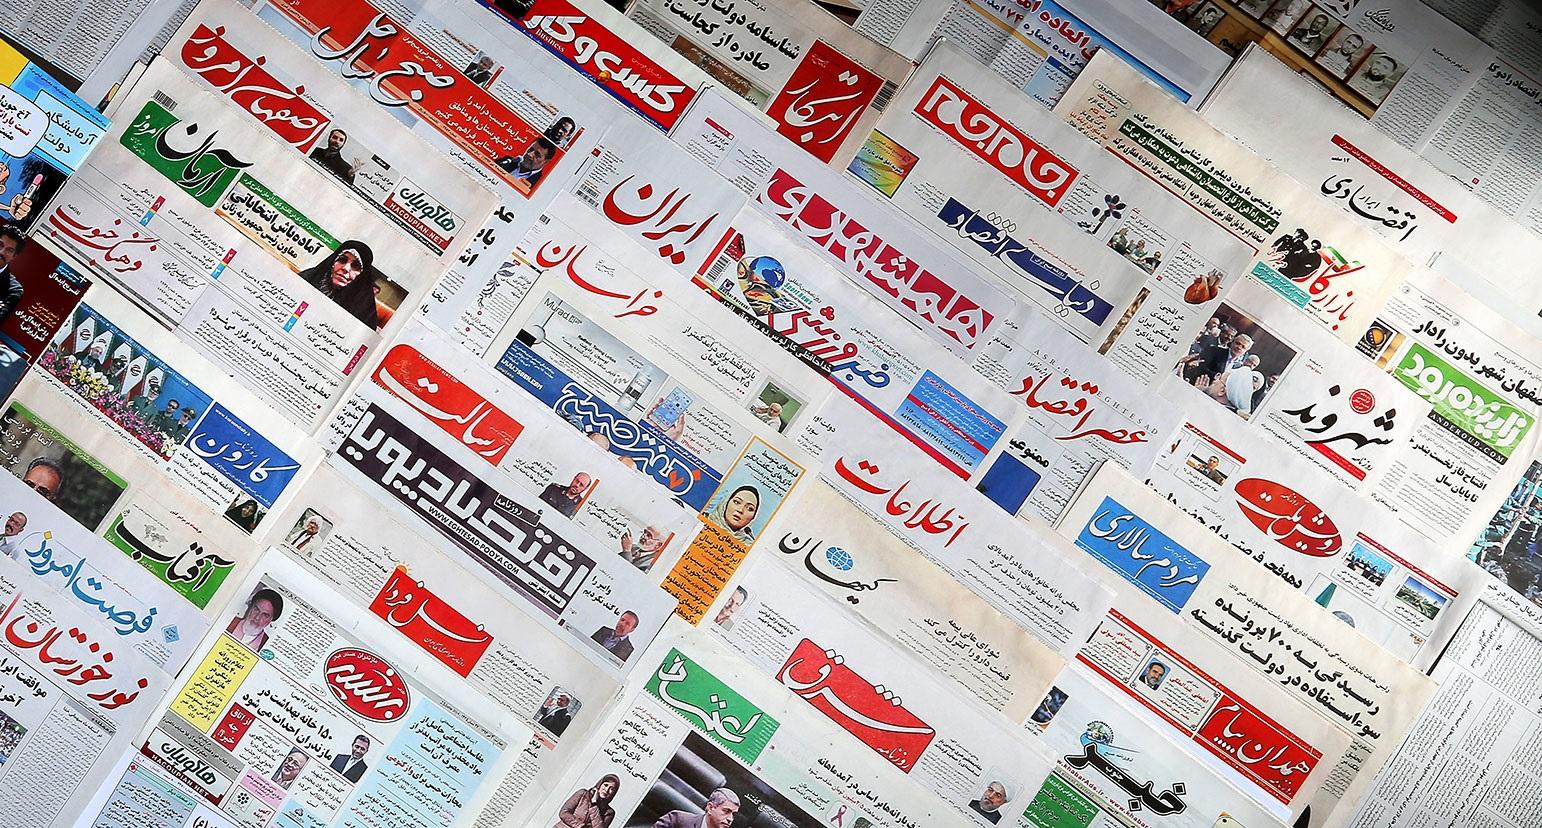 عناوین روزنامه های امروز ۲ مرداد ۹۶